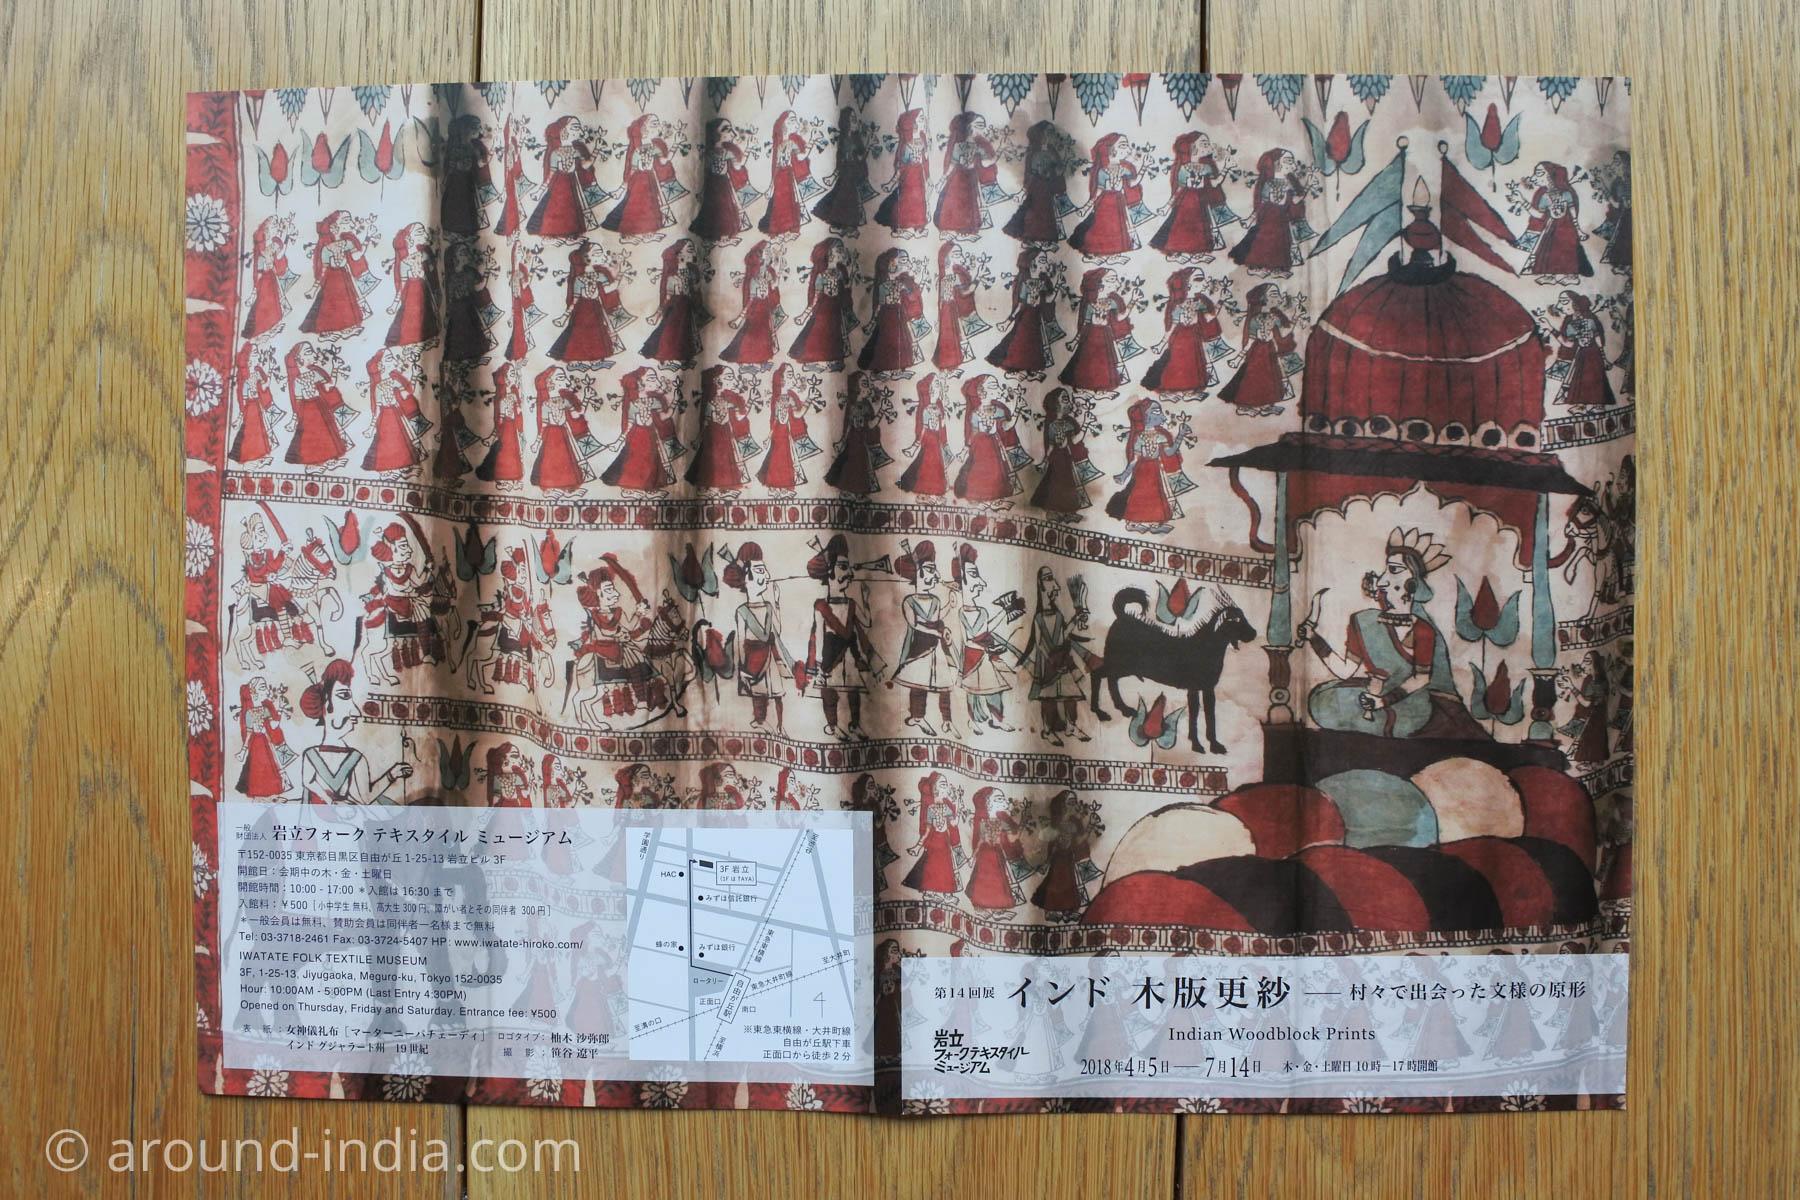 岩立フォークテキスタイルミュージアム インド木版更紗展チラシ表